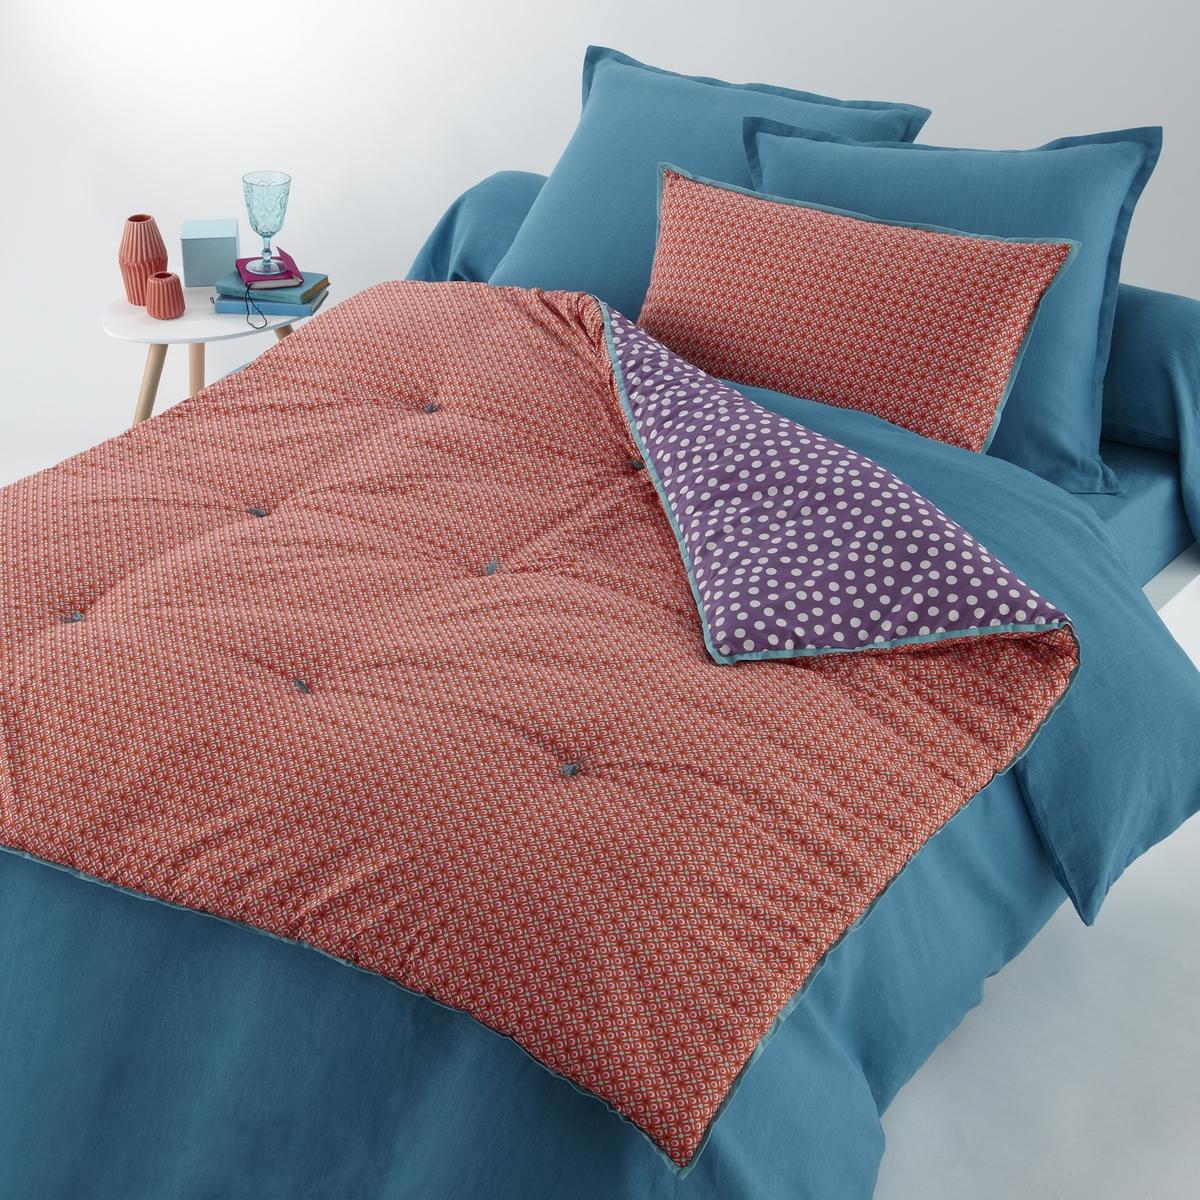 Покрывало из хлопковой перкали, NILARХарактеристики одеяла из хлопковой перкали NILAR :Лицевая сторона красного цвета, оборотная сторона сливового цвета. Края контрастного бирюзового цвета. Прострочка переслежистой нитью.Состав покрывала из хлопковой перкали, NILAR :Перкаль,100% хлопок, наполнитель 100% полиэстер, 600 г/м2.Машинная стирка при 30 °C.Размеры покрывала :90 x 190 см150 x 150 см.Знак Oeko-Tex® гарантирует, что товары прошли проверку и были изготовлены без применения вредных для здоровья человека веществ.<br><br>Цвет: красный/сливовый<br>Размер: 90 x 190  см